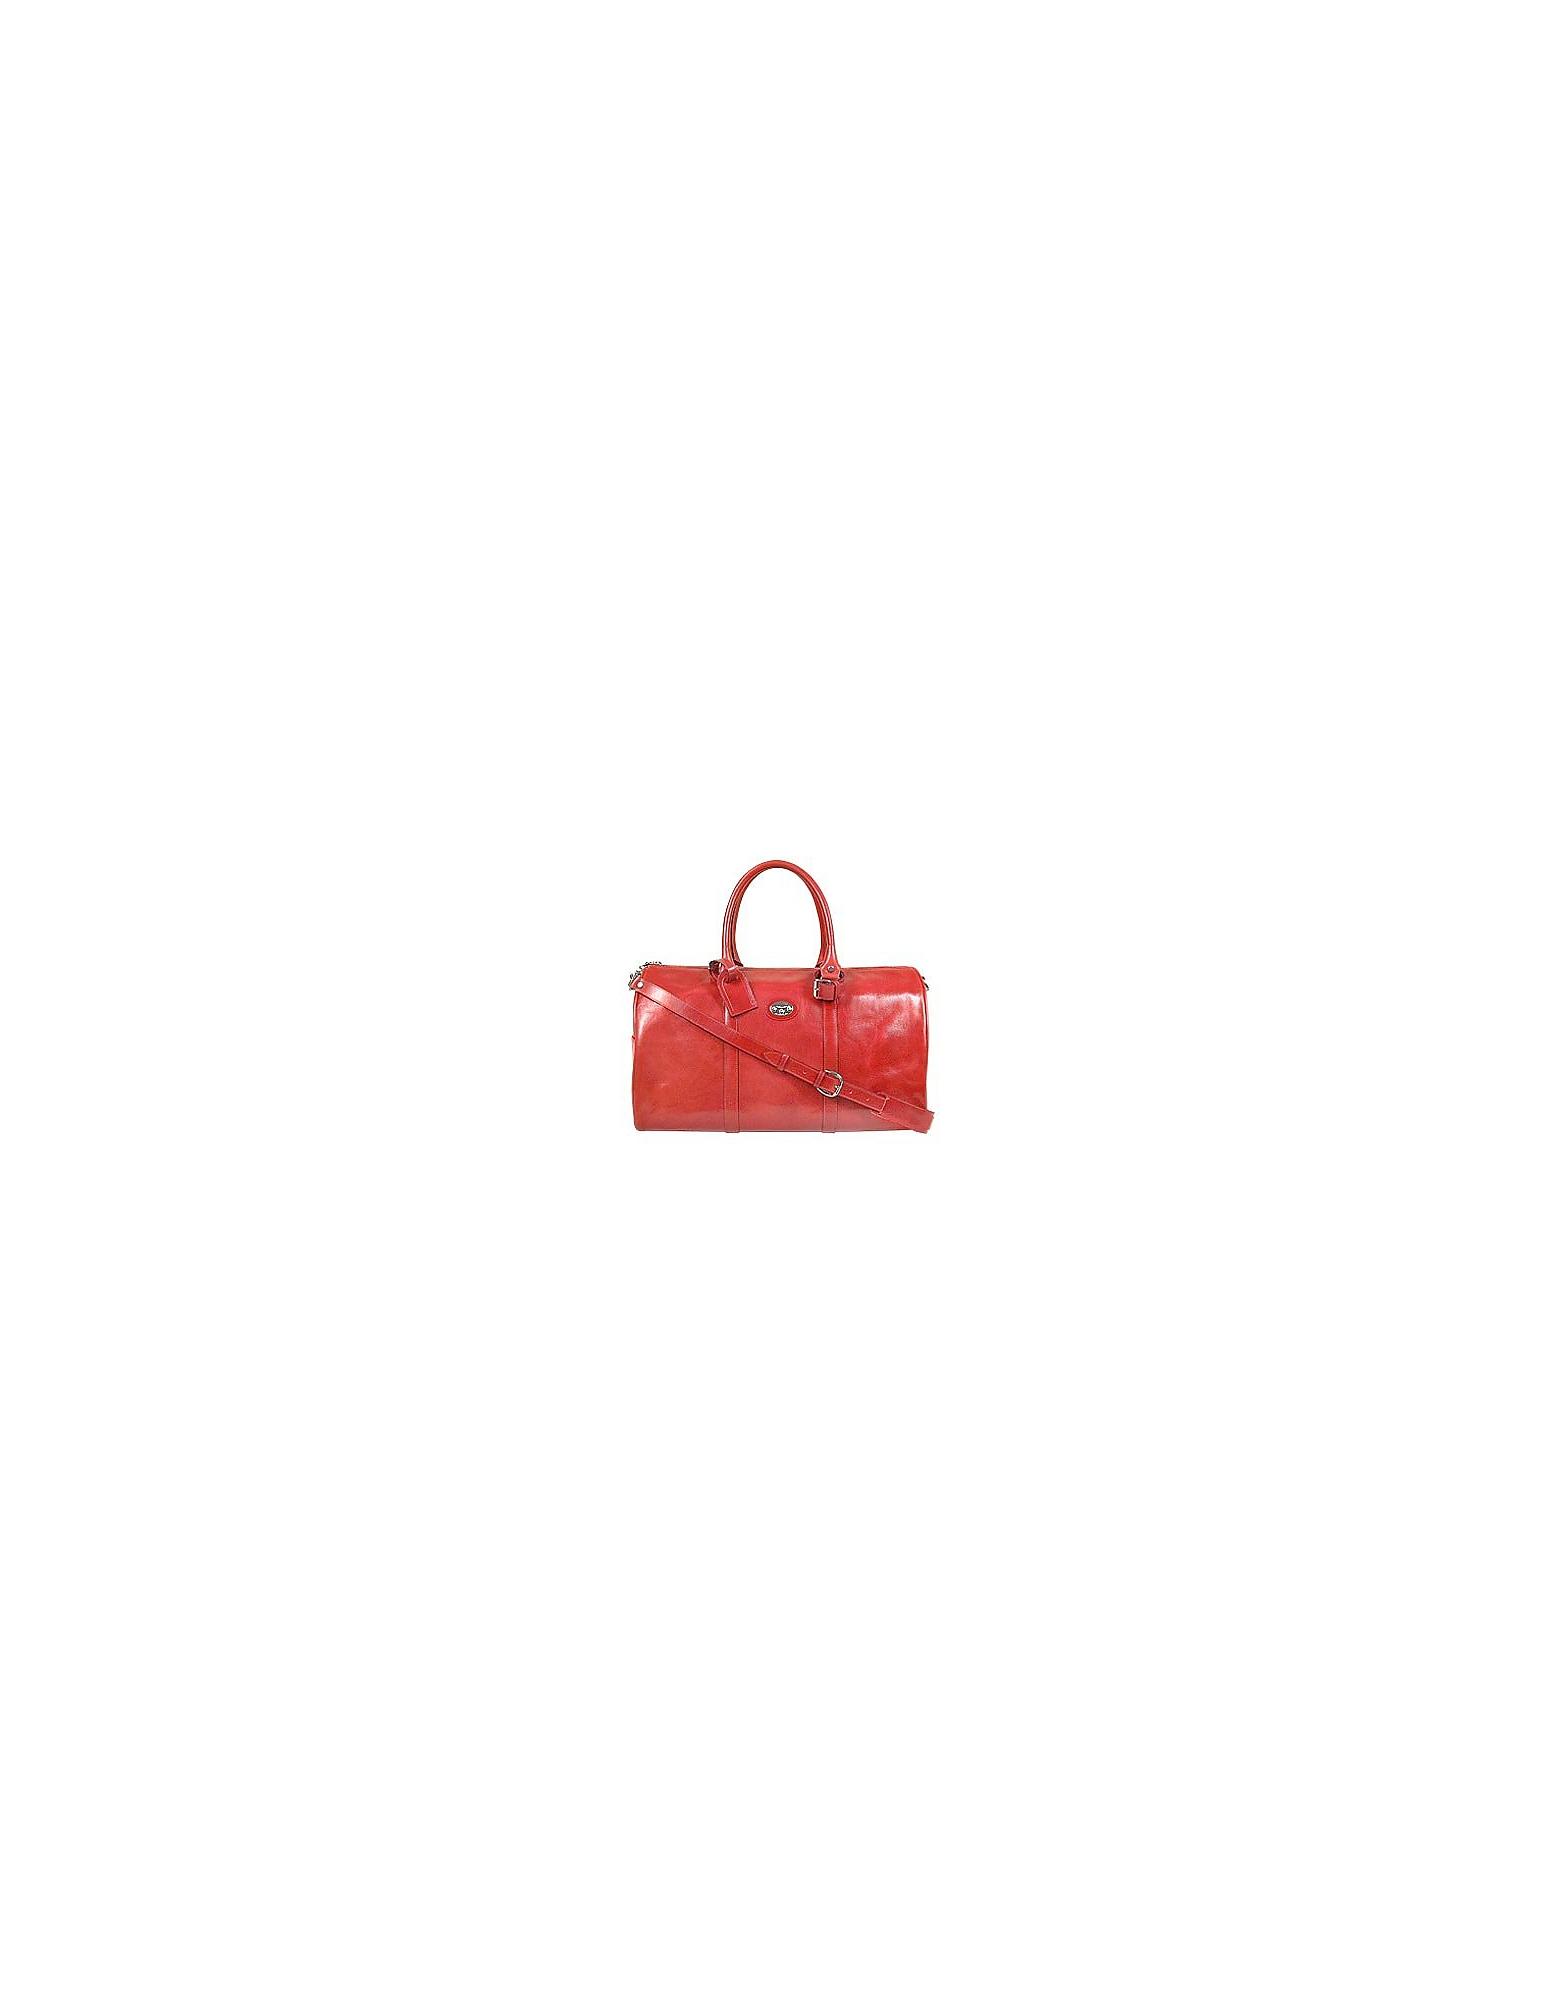 L.A.P.A. Designer Travel Bags